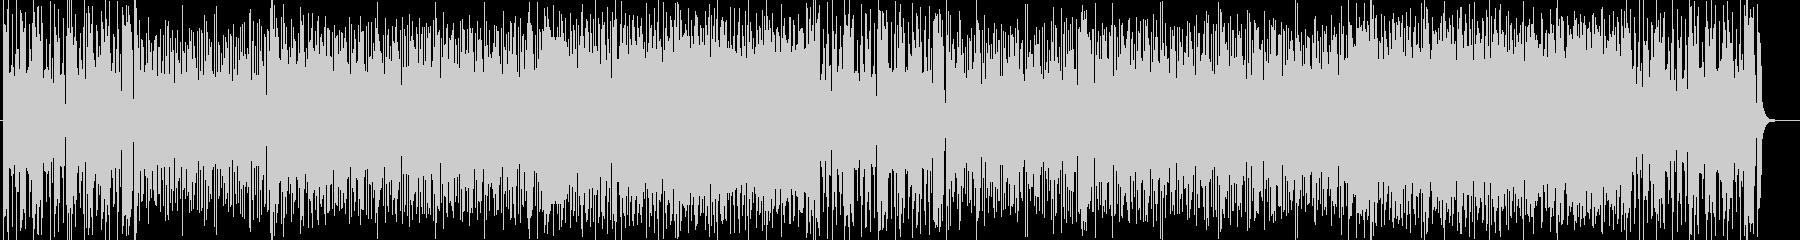 華やかで疾走感のあるシンセサイザー曲の未再生の波形